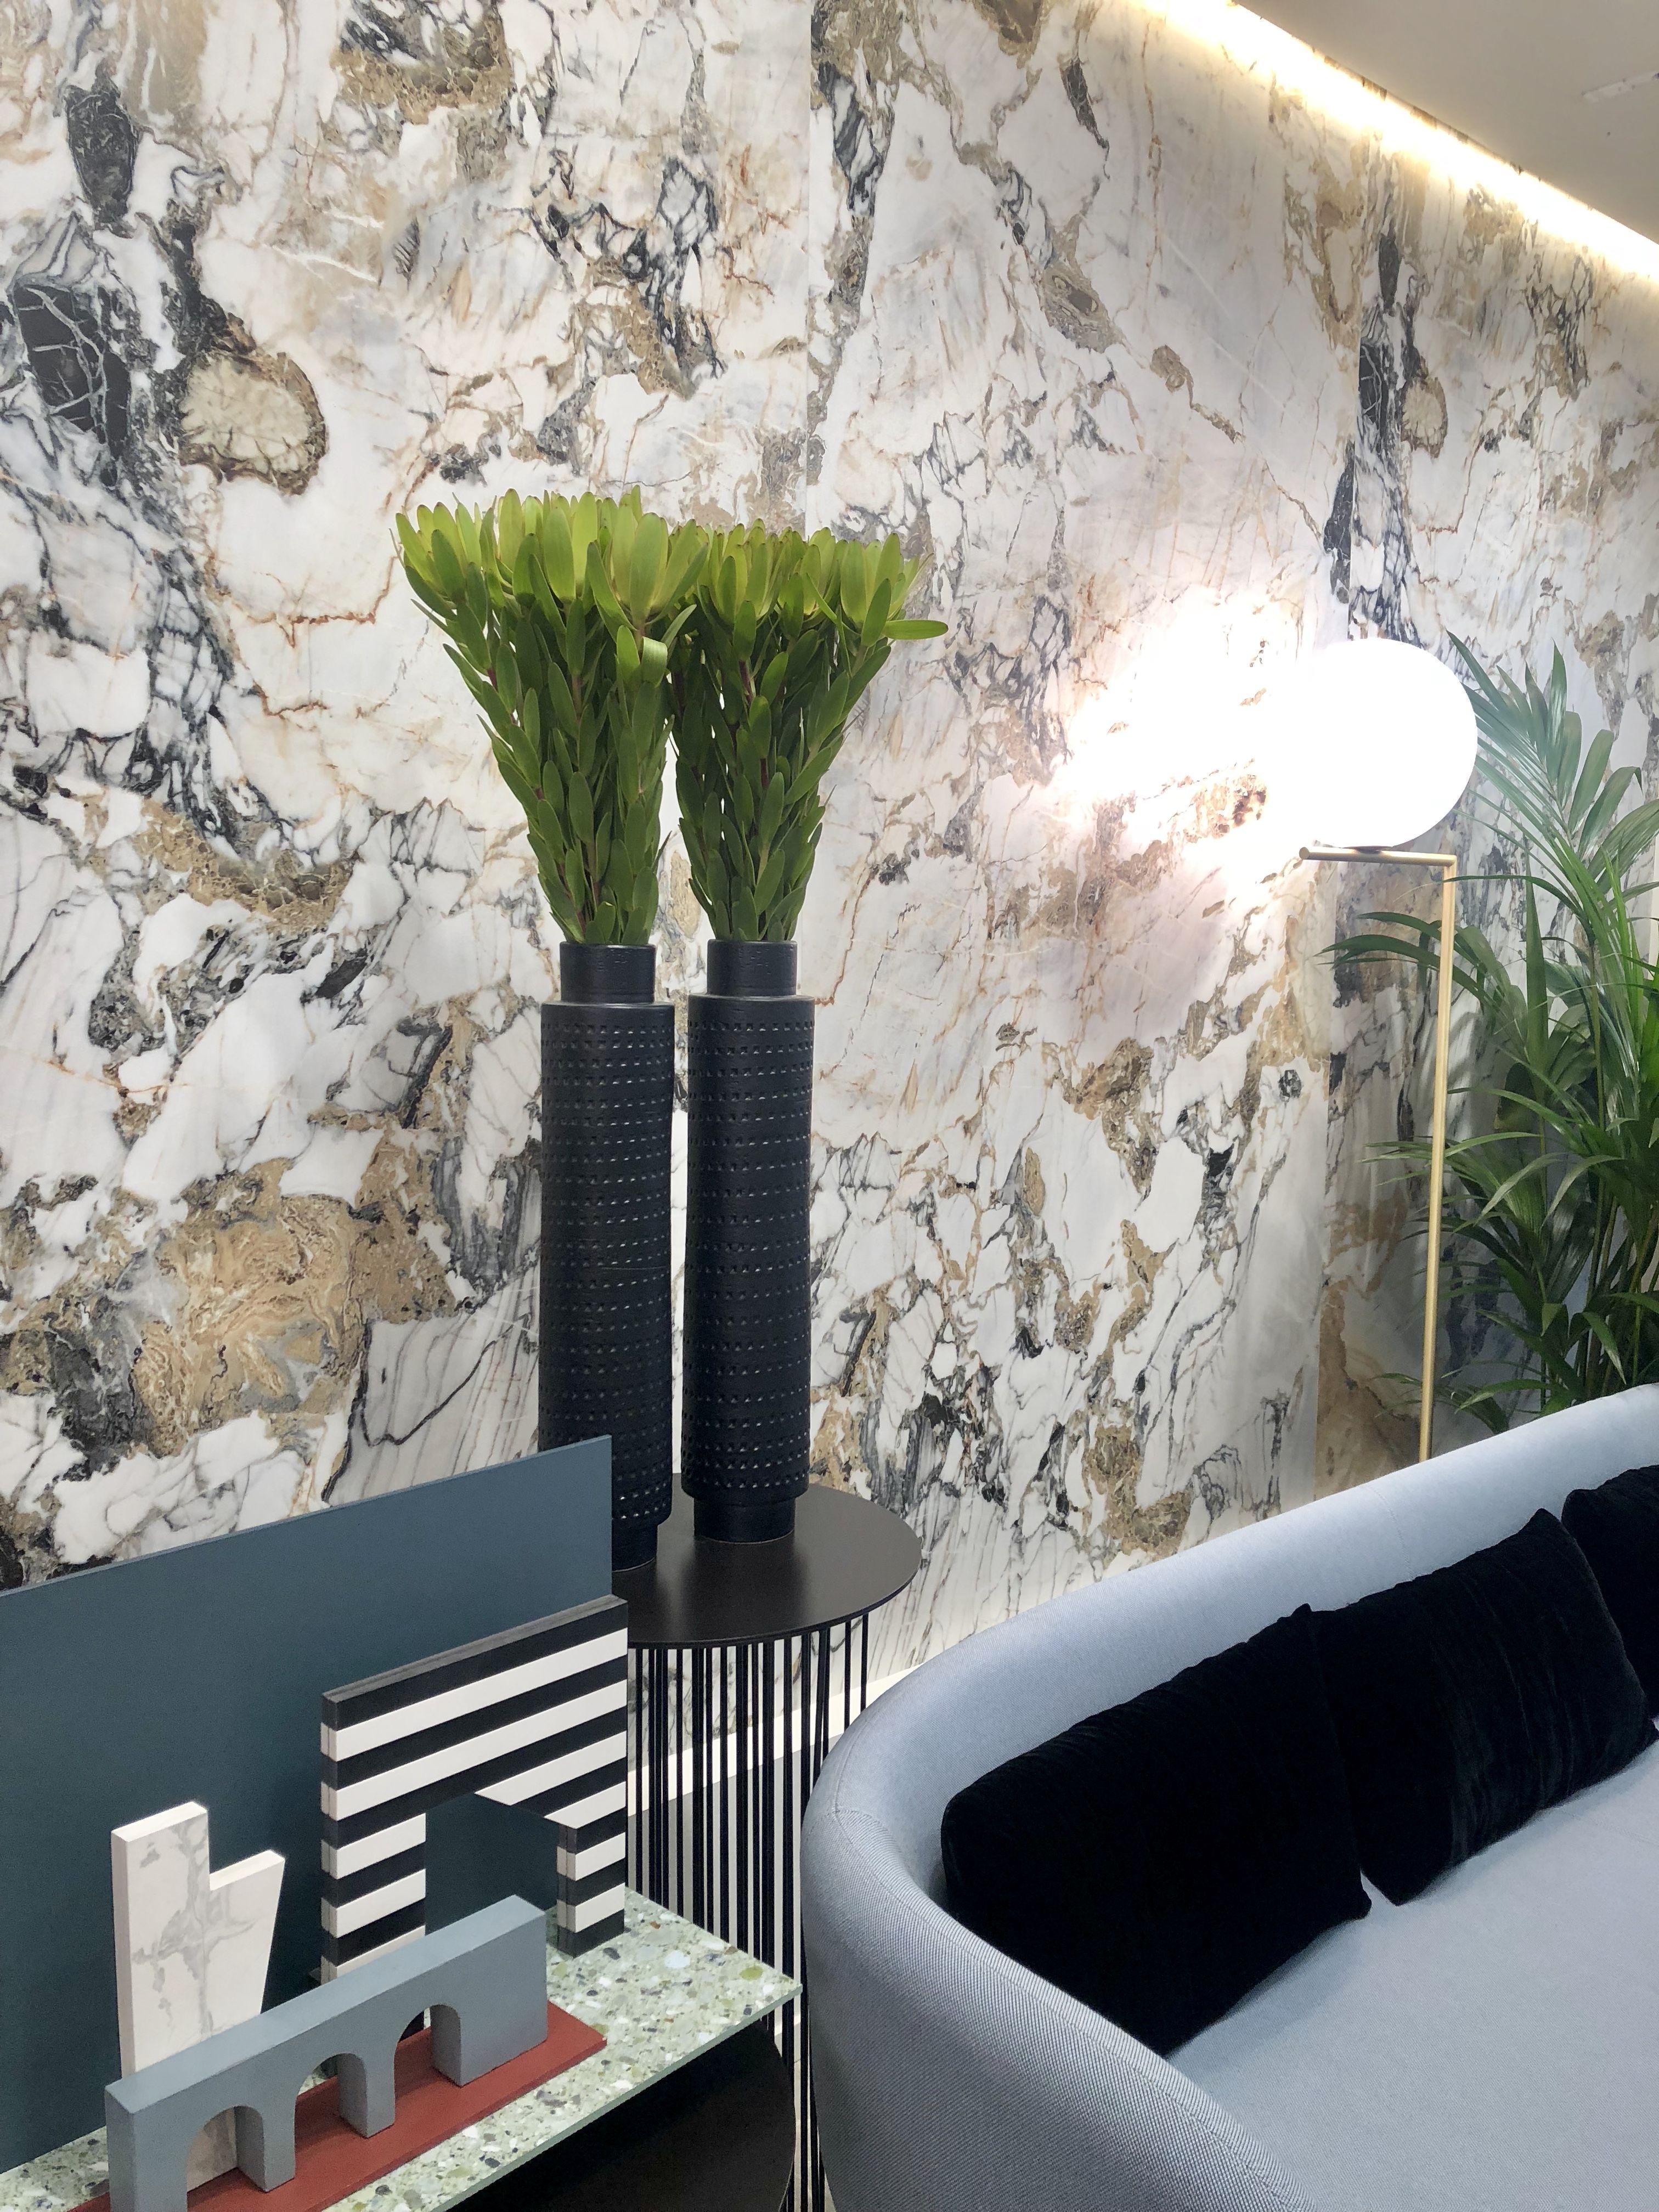 Carrelage Imitation Marbre Nouveauté Pour 2019 Au Salon Cersaie à Bologne